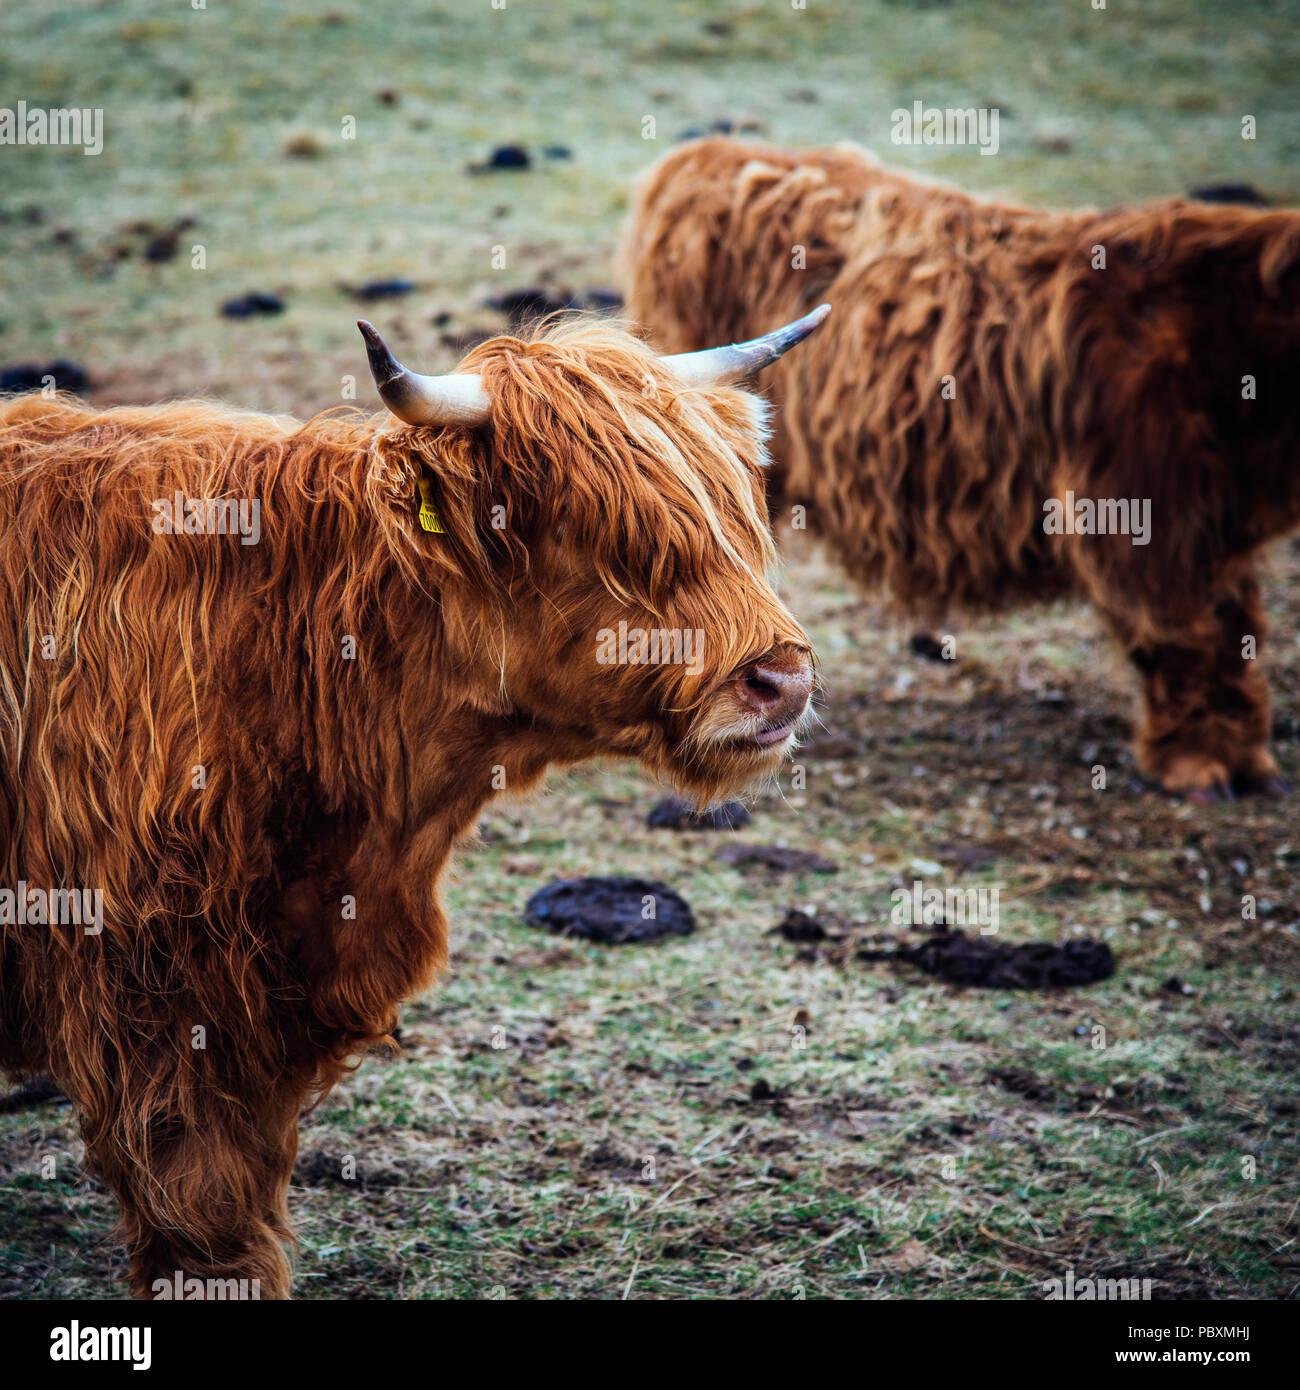 Highland cow, Isle of Harris, Scotland, UK, Europe - Stock Image